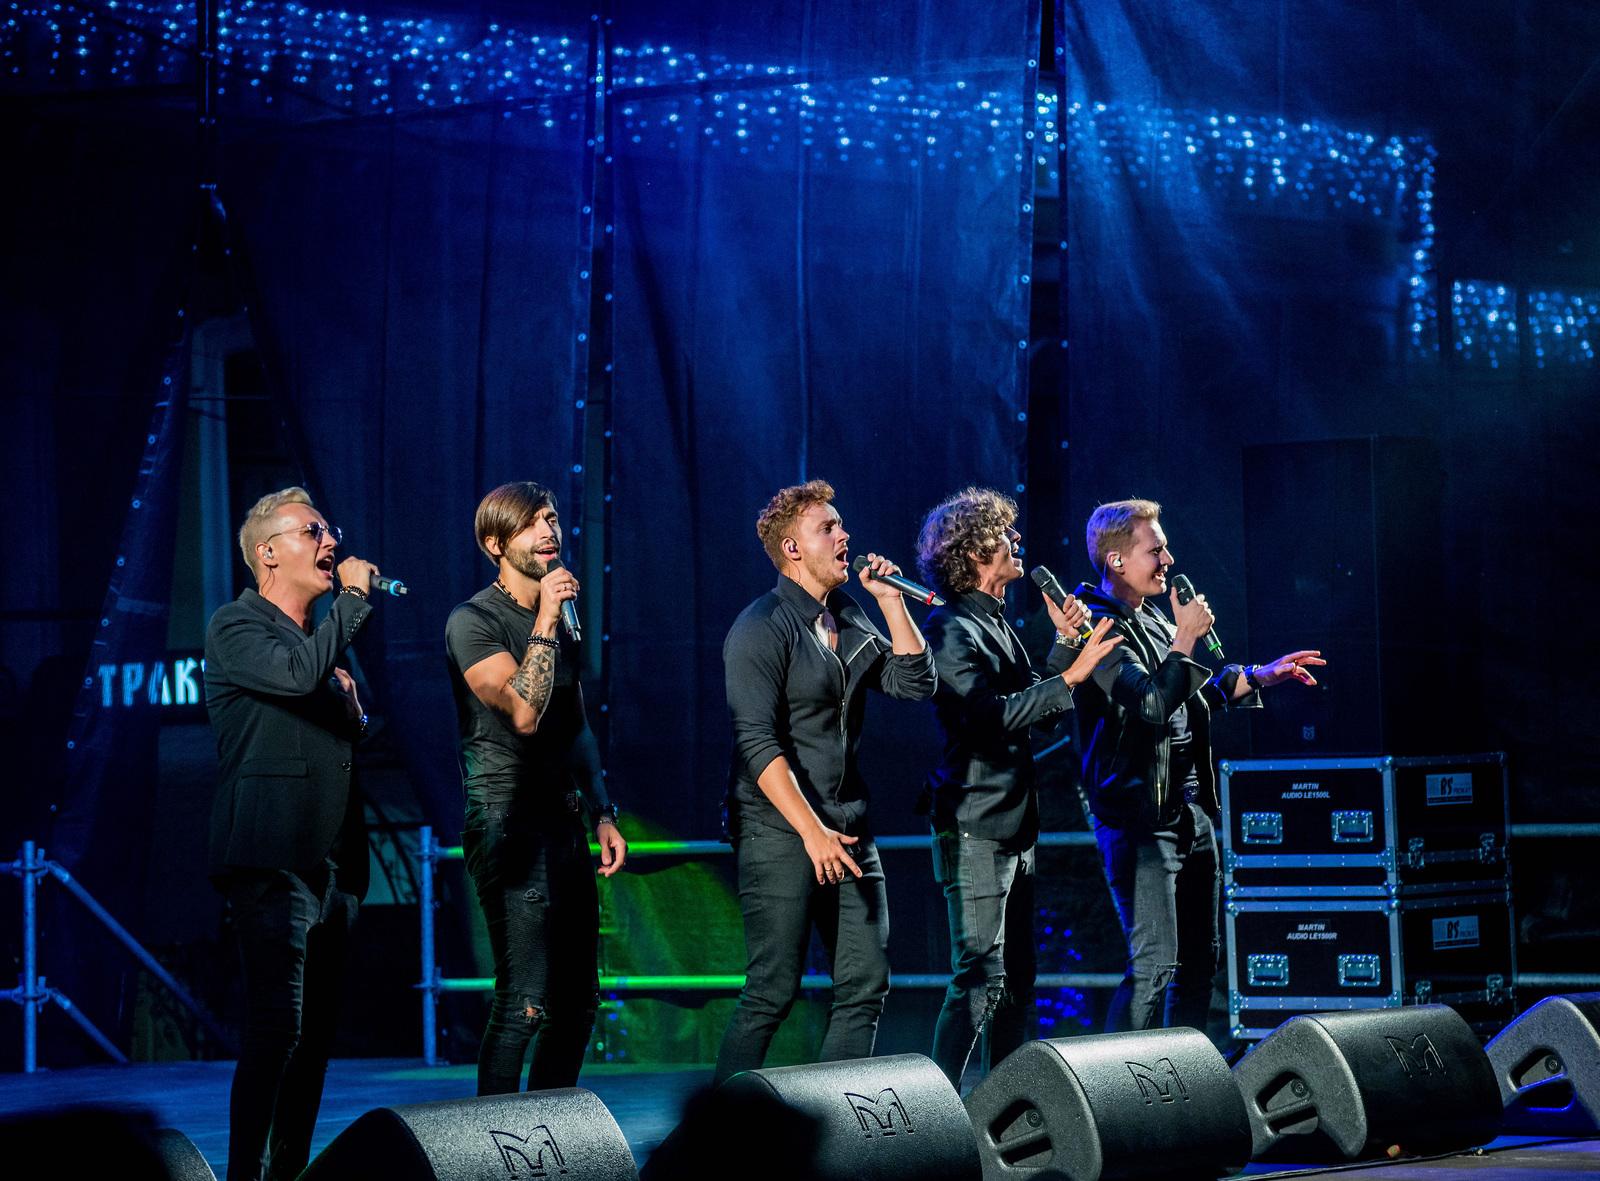 Участники группы «Пятеро» (слева направо): Евгении Сапелов, Евгений Гаранин,Павел Киселев, Владислав Албанов и Антон Иванов